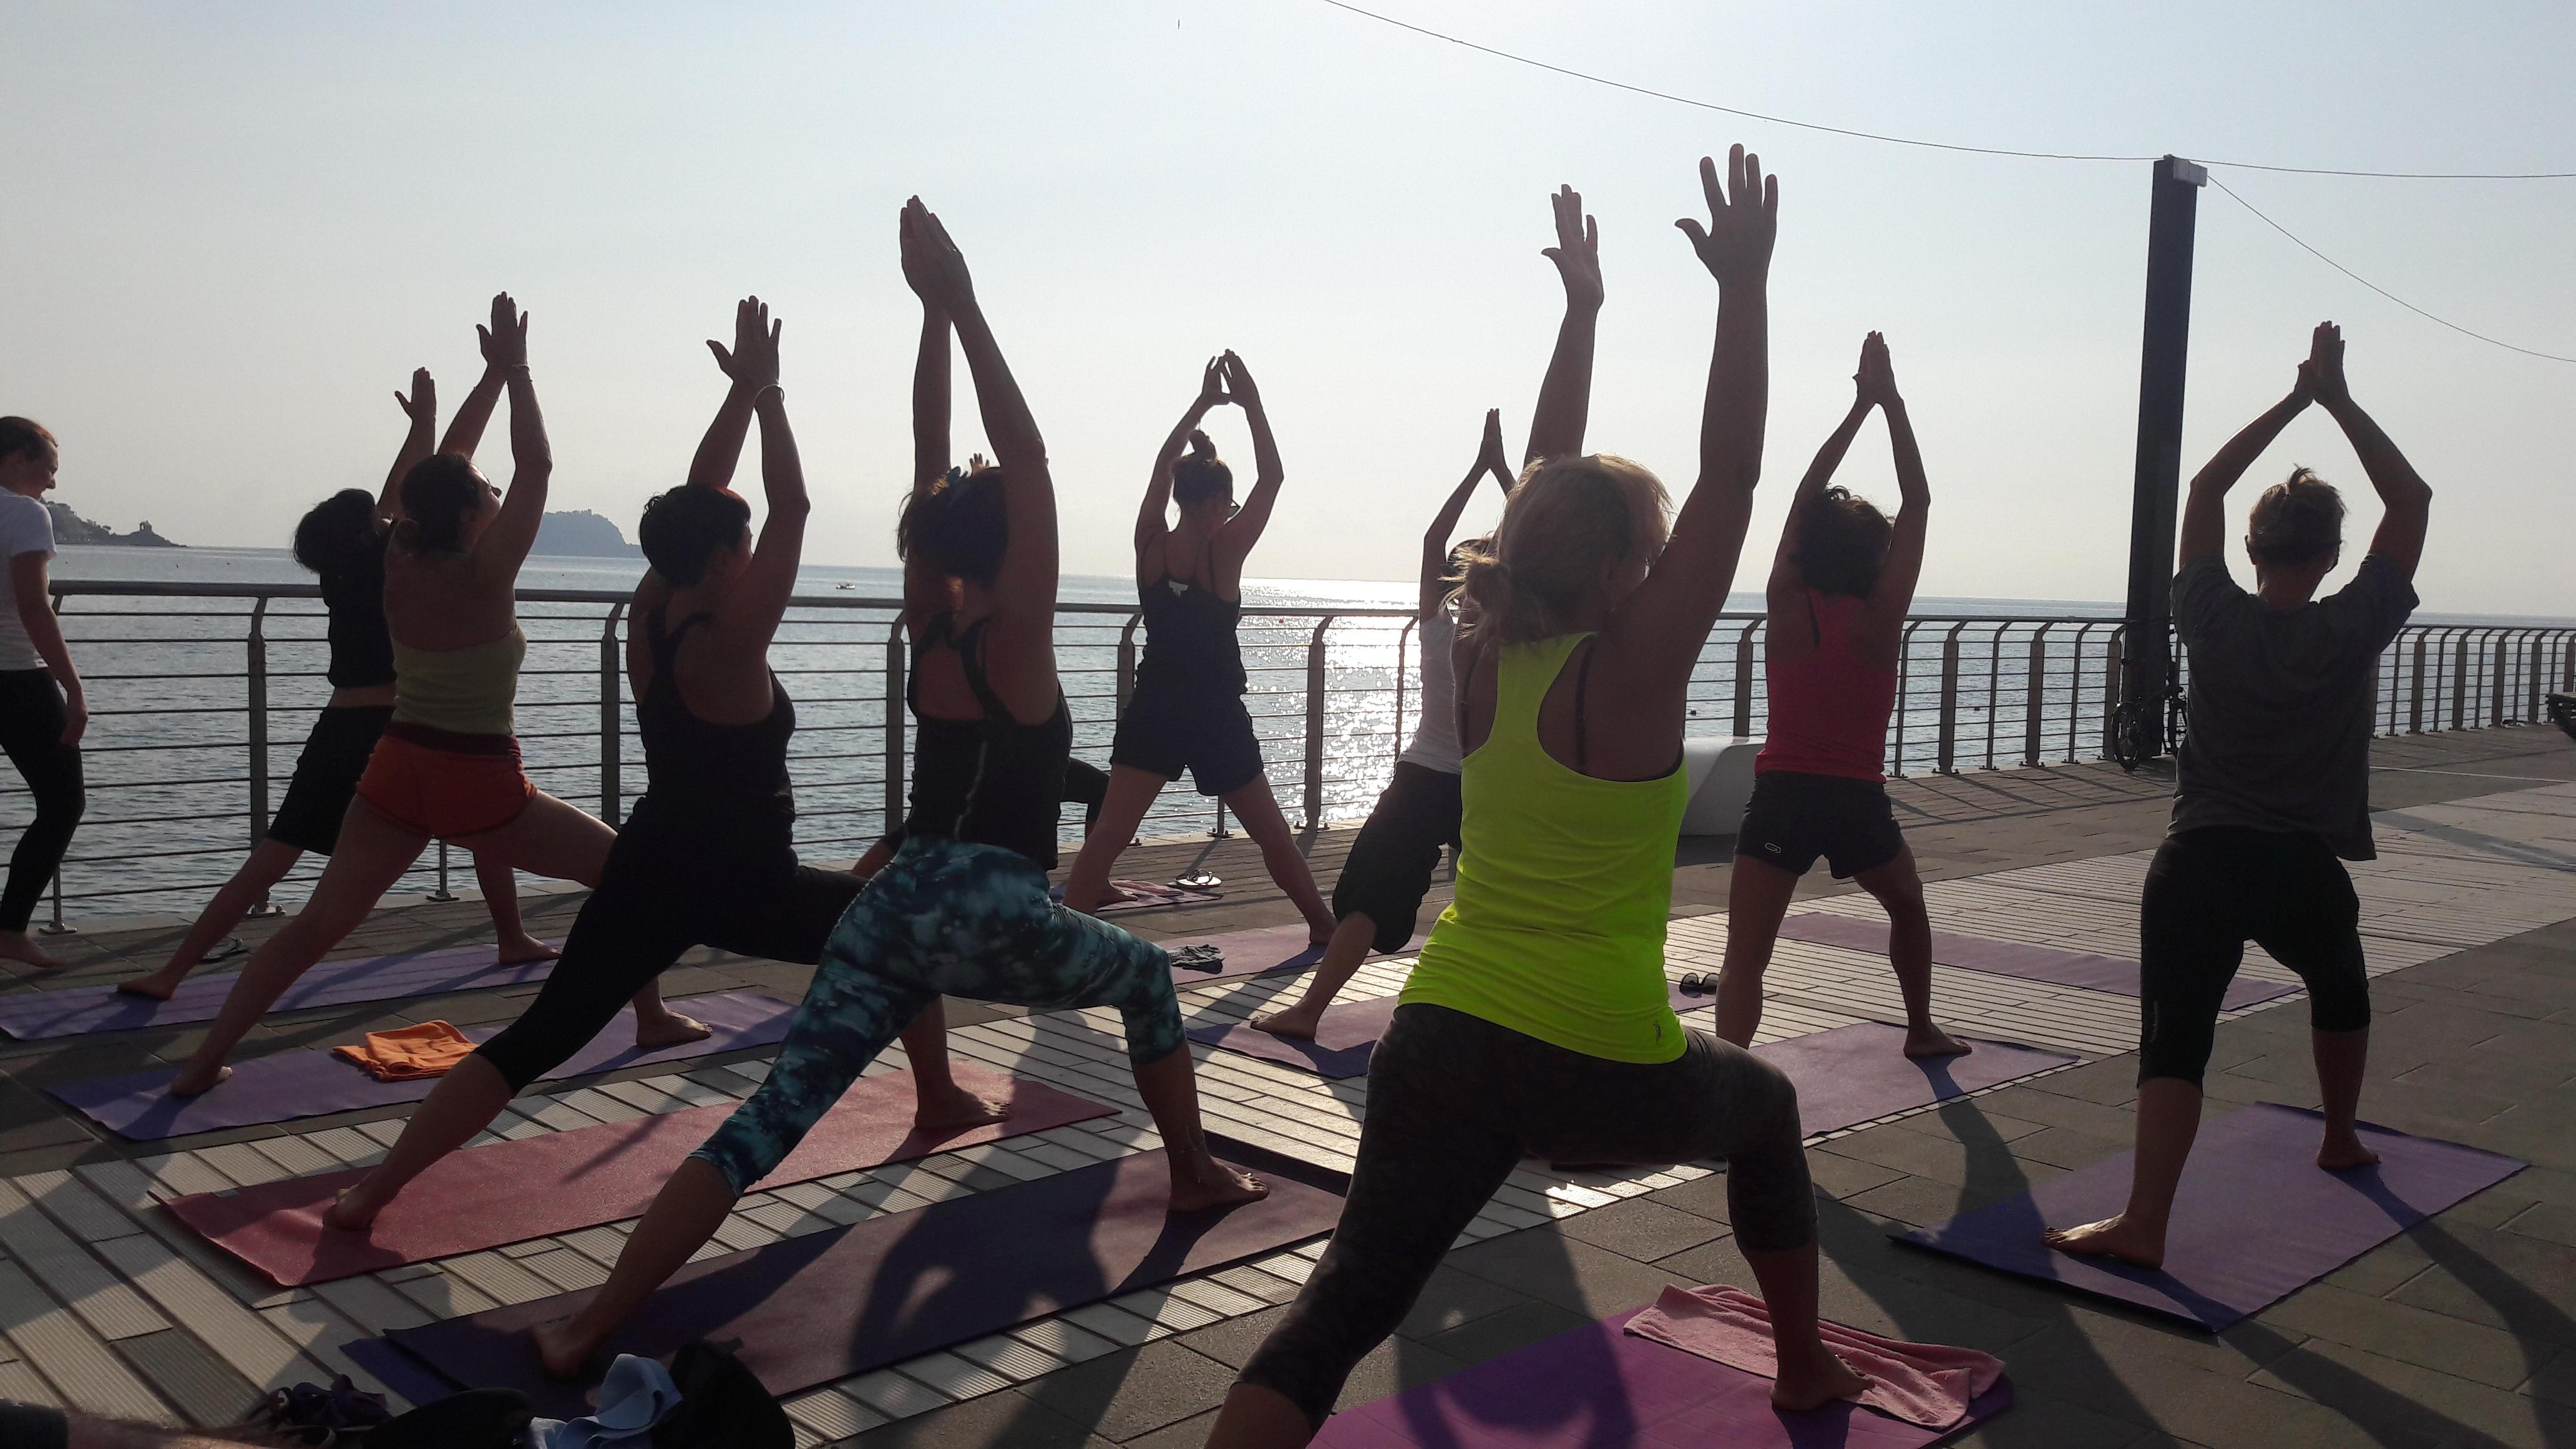 1_essere-free-yoga-gratuito-benessere-per-tutti-village-citta-alassio-estate-lucia-ragazzi-summer-town-wellness-052